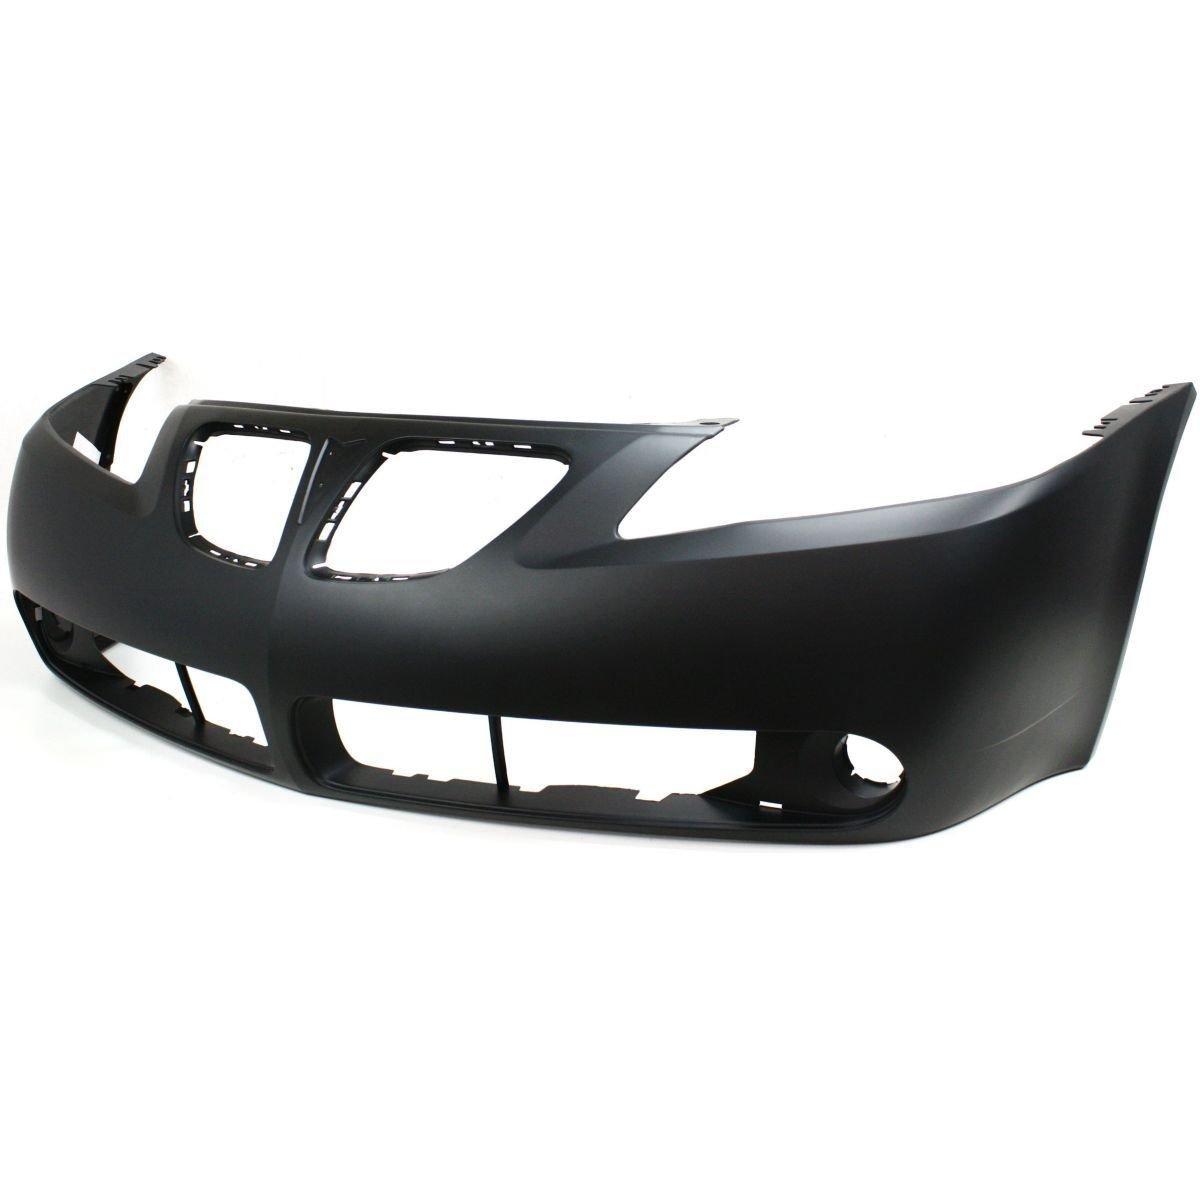 Diften 105-A1852-X01 - New Bumper Cover Facial Front Primered Pontiac G6 2009 2008 GM1000731C 19151158